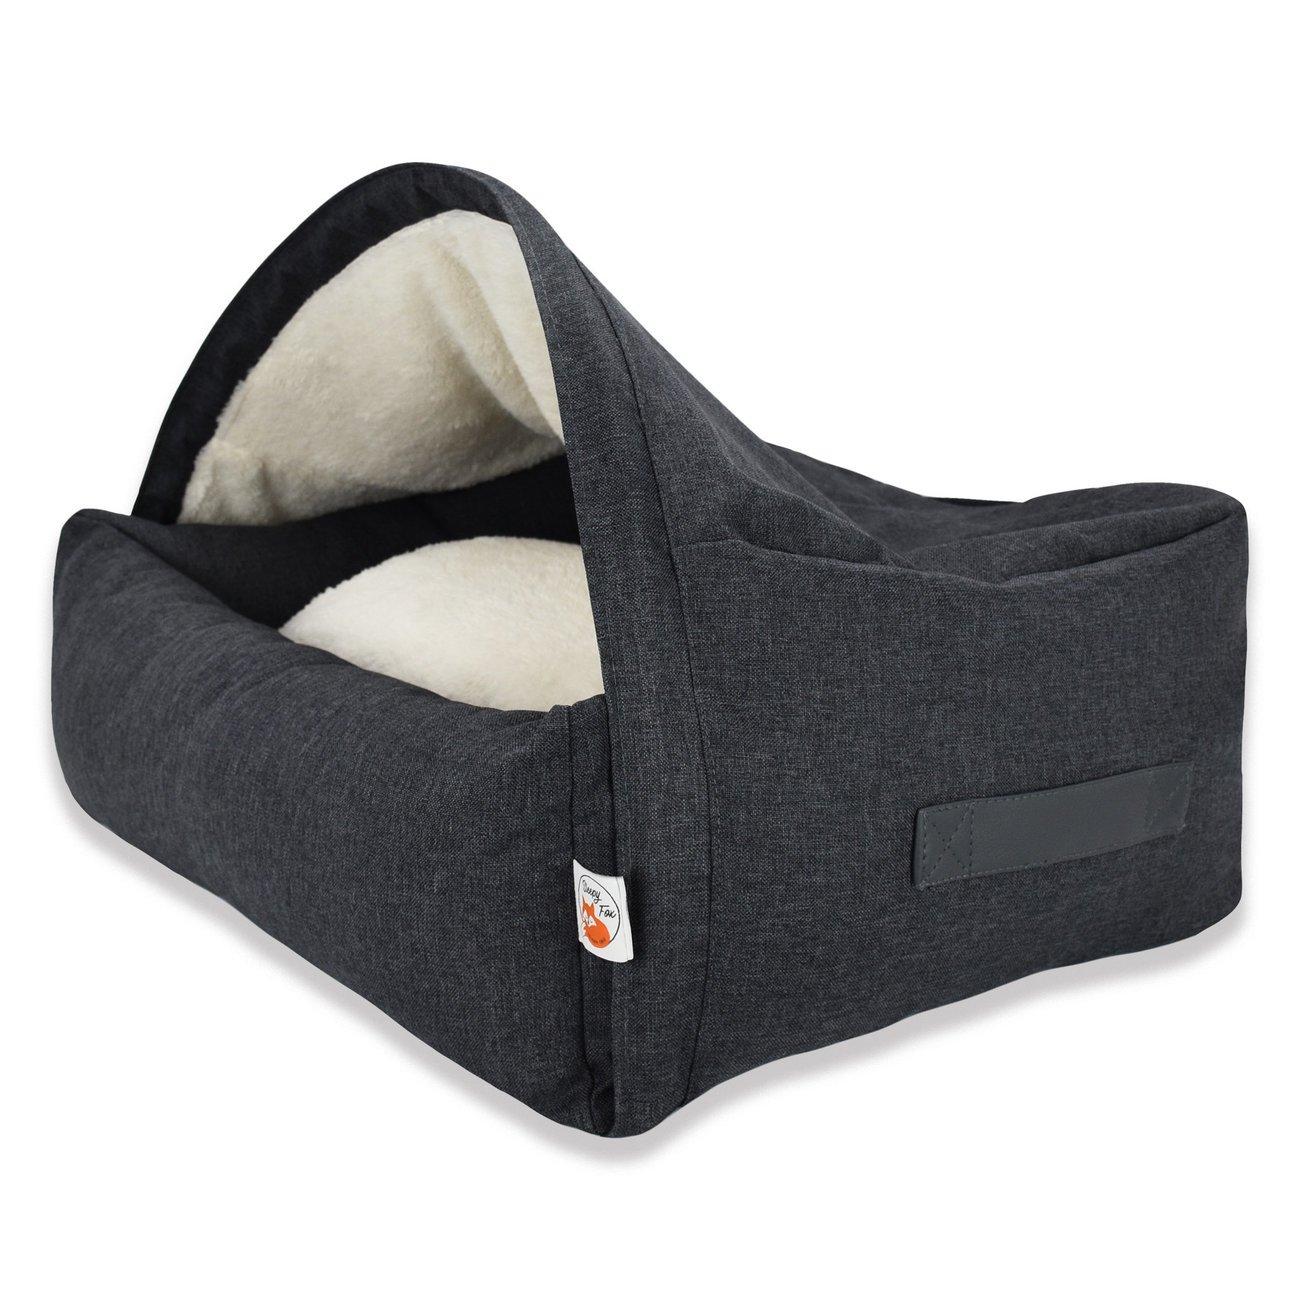 Sleepy Fox® Kuschelhöhlen Hundebett, Bild 10